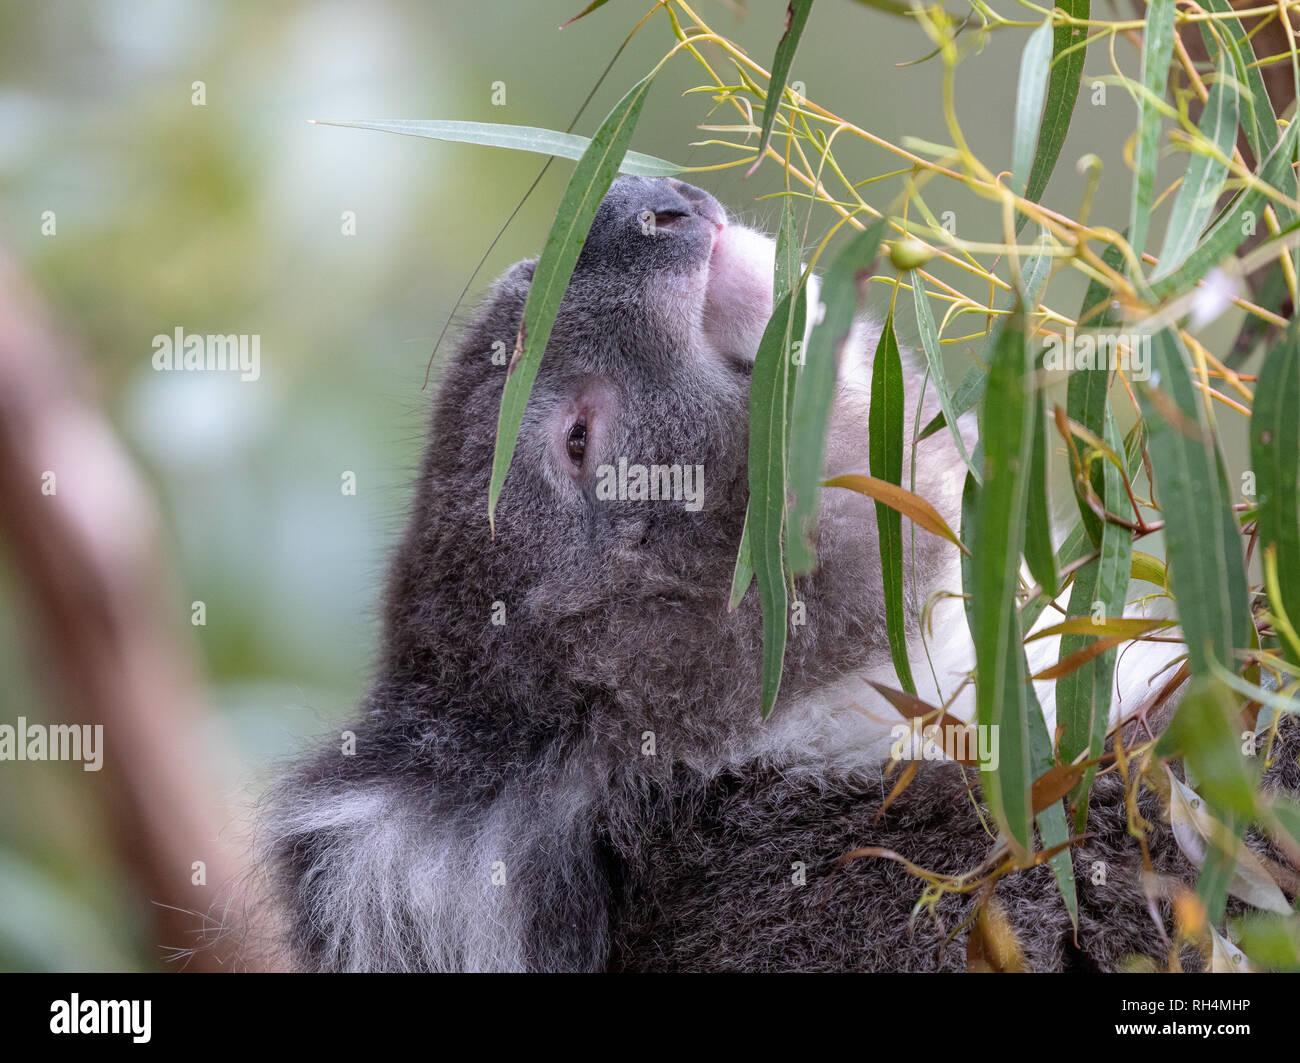 Australian koala, arboreal herbivorous marsupial, native to Australia - Stock Image